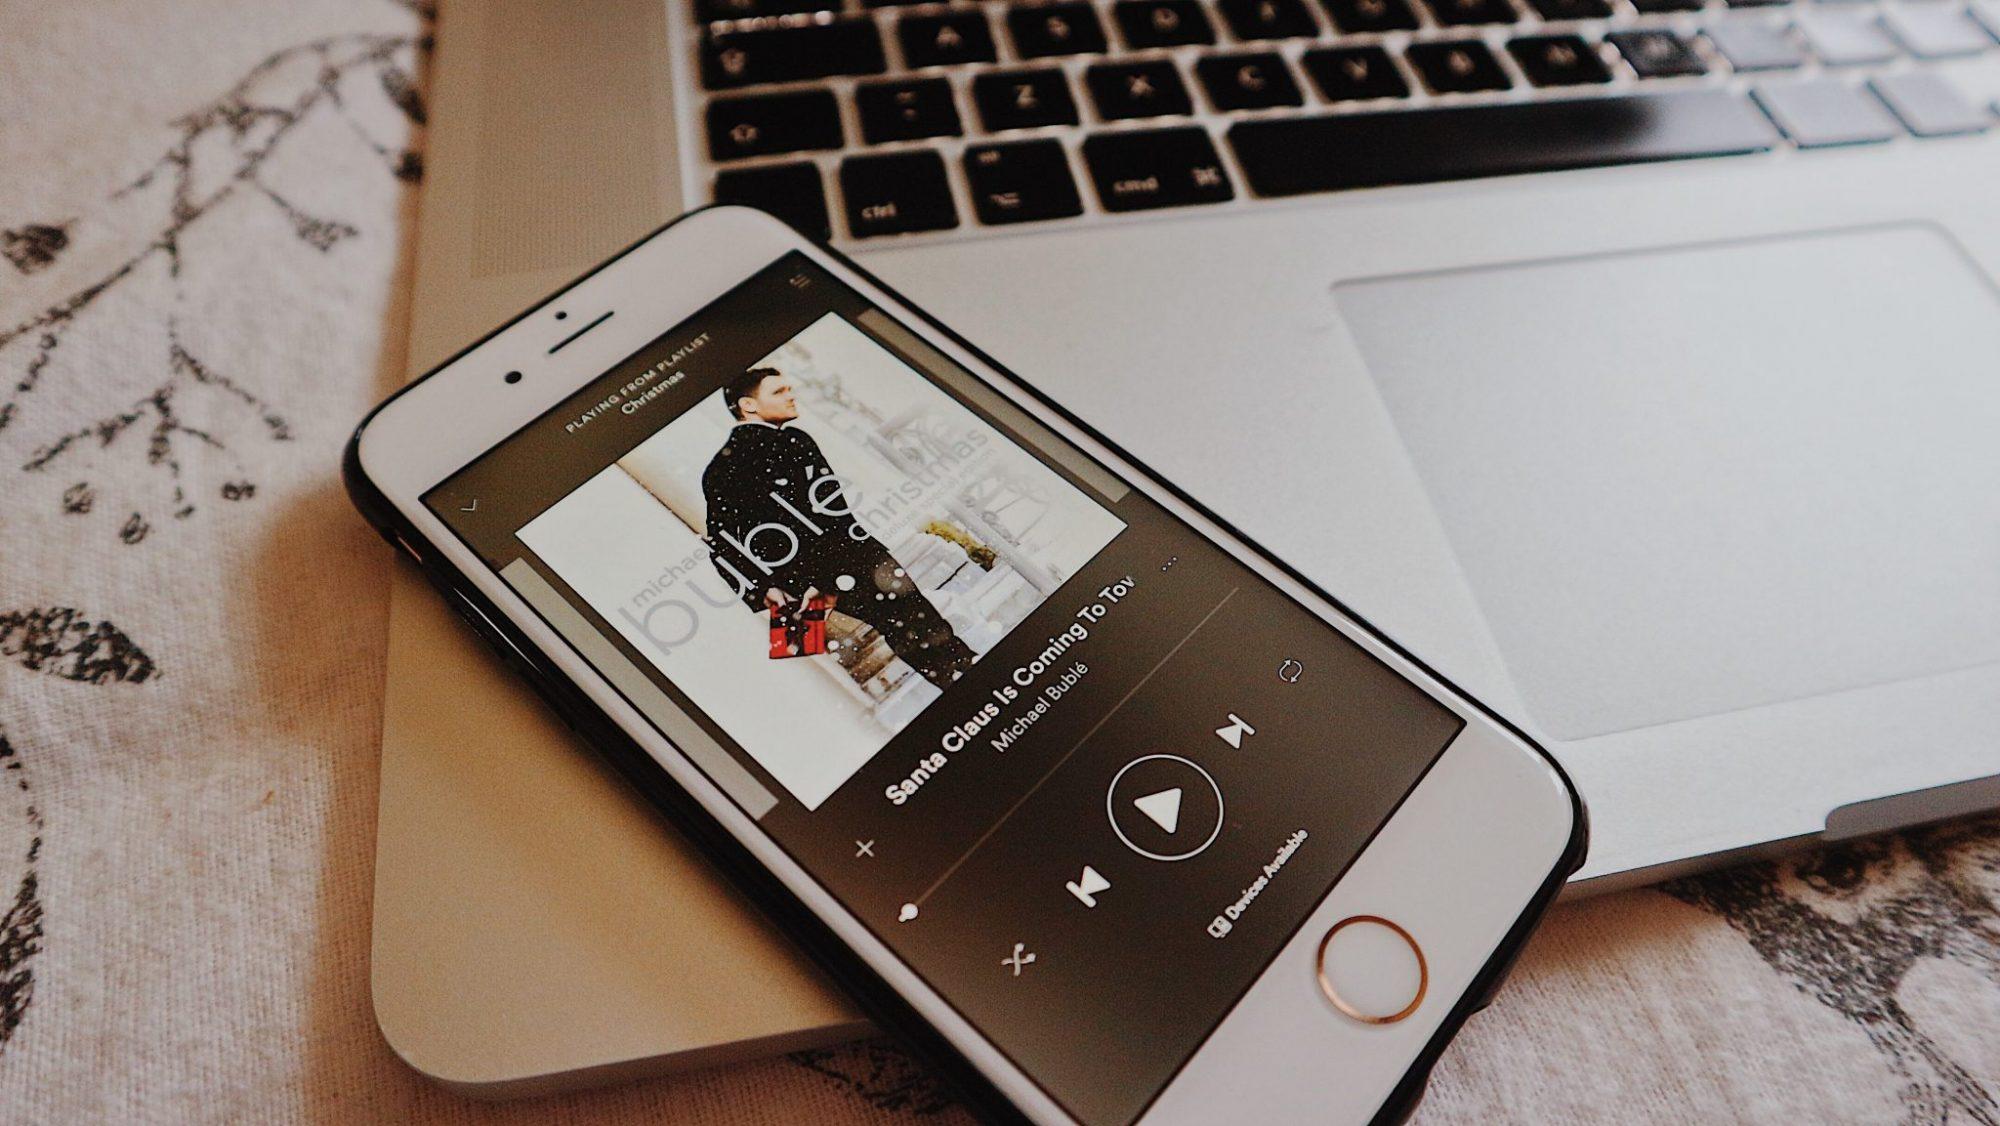 Michael Buble Spotify